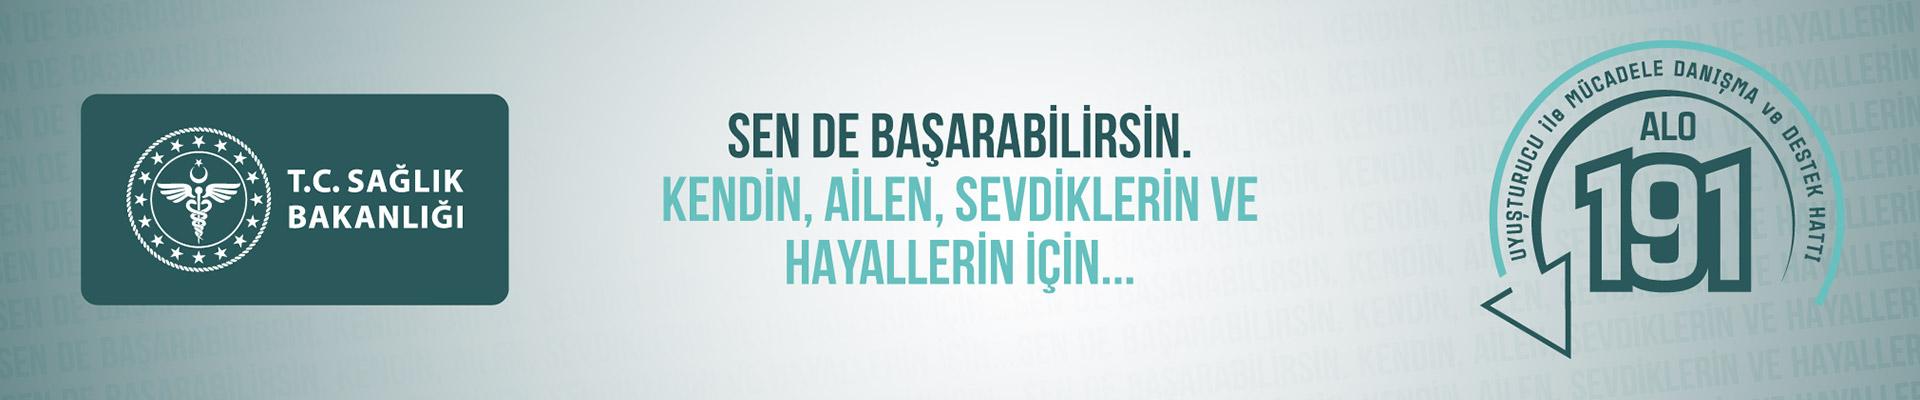 saglik-bakanligi-banner